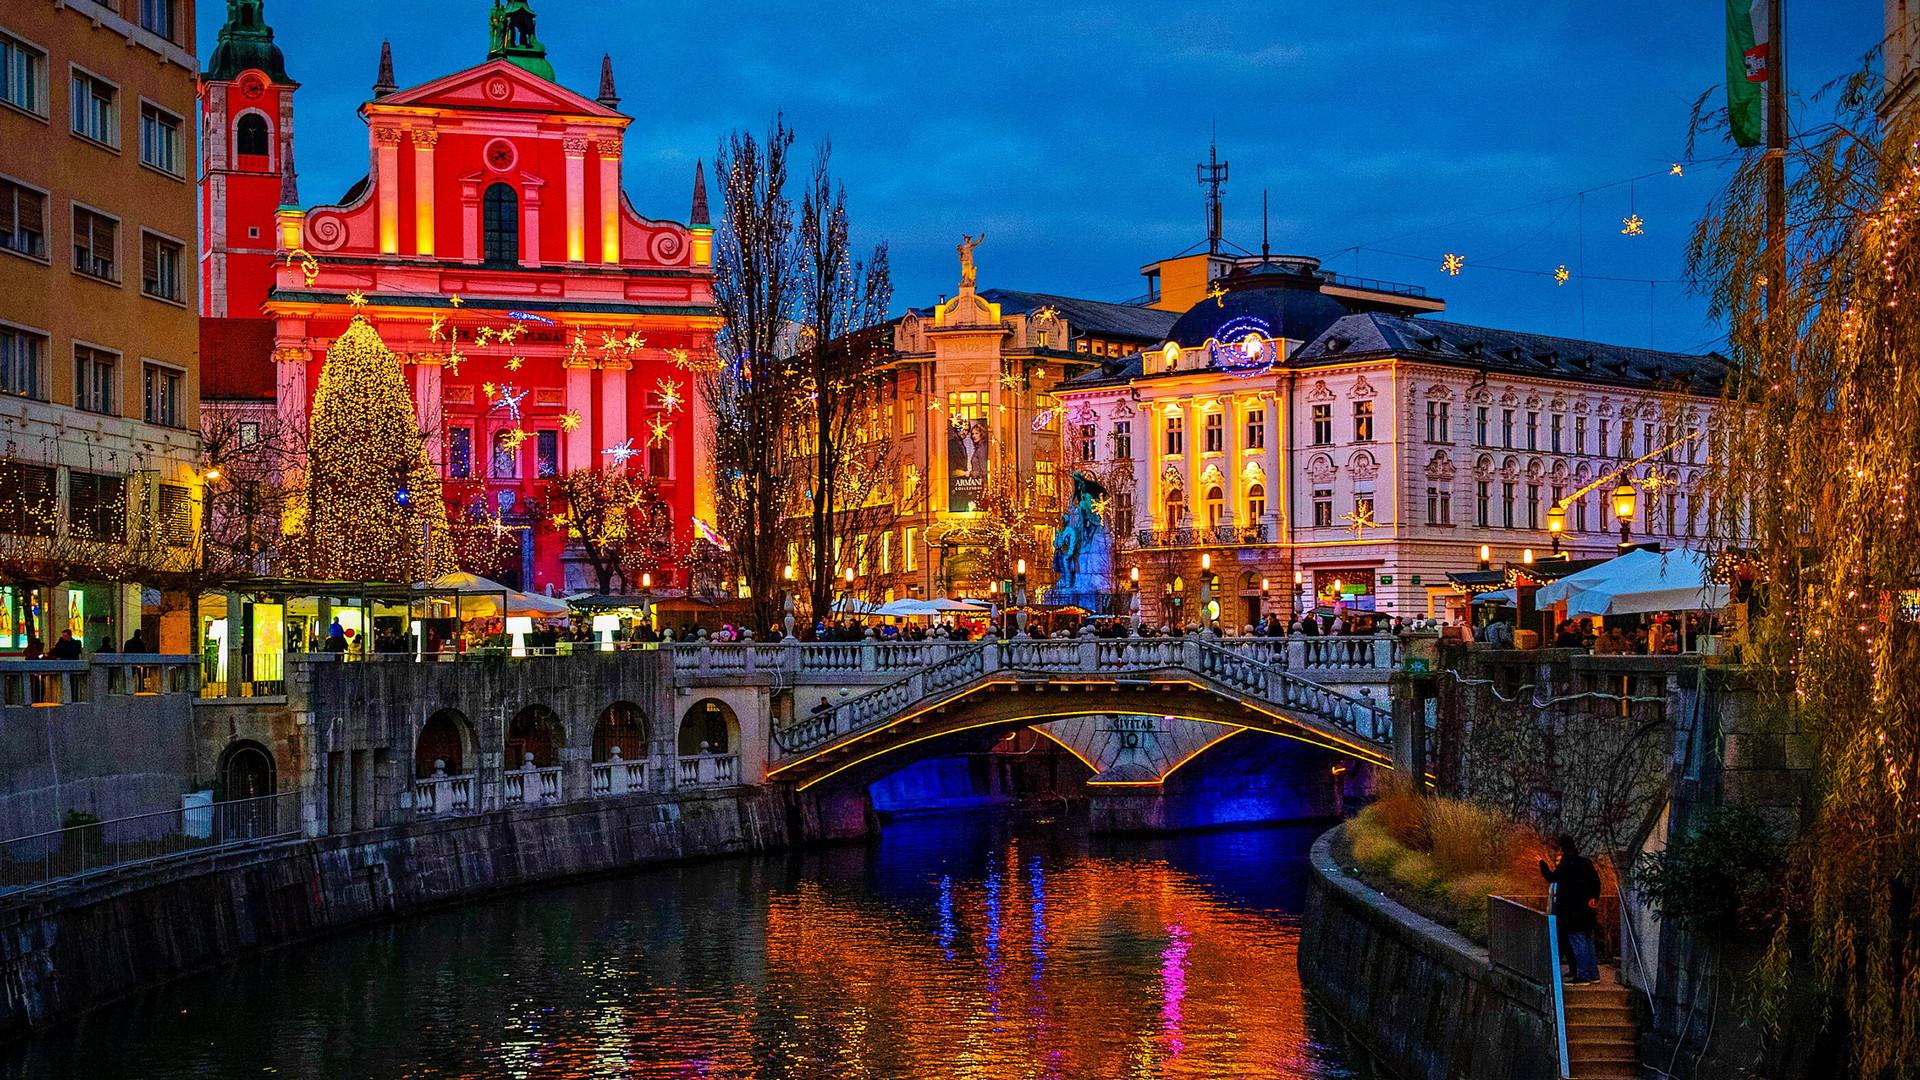 Набережная реки Любляница, Любляна